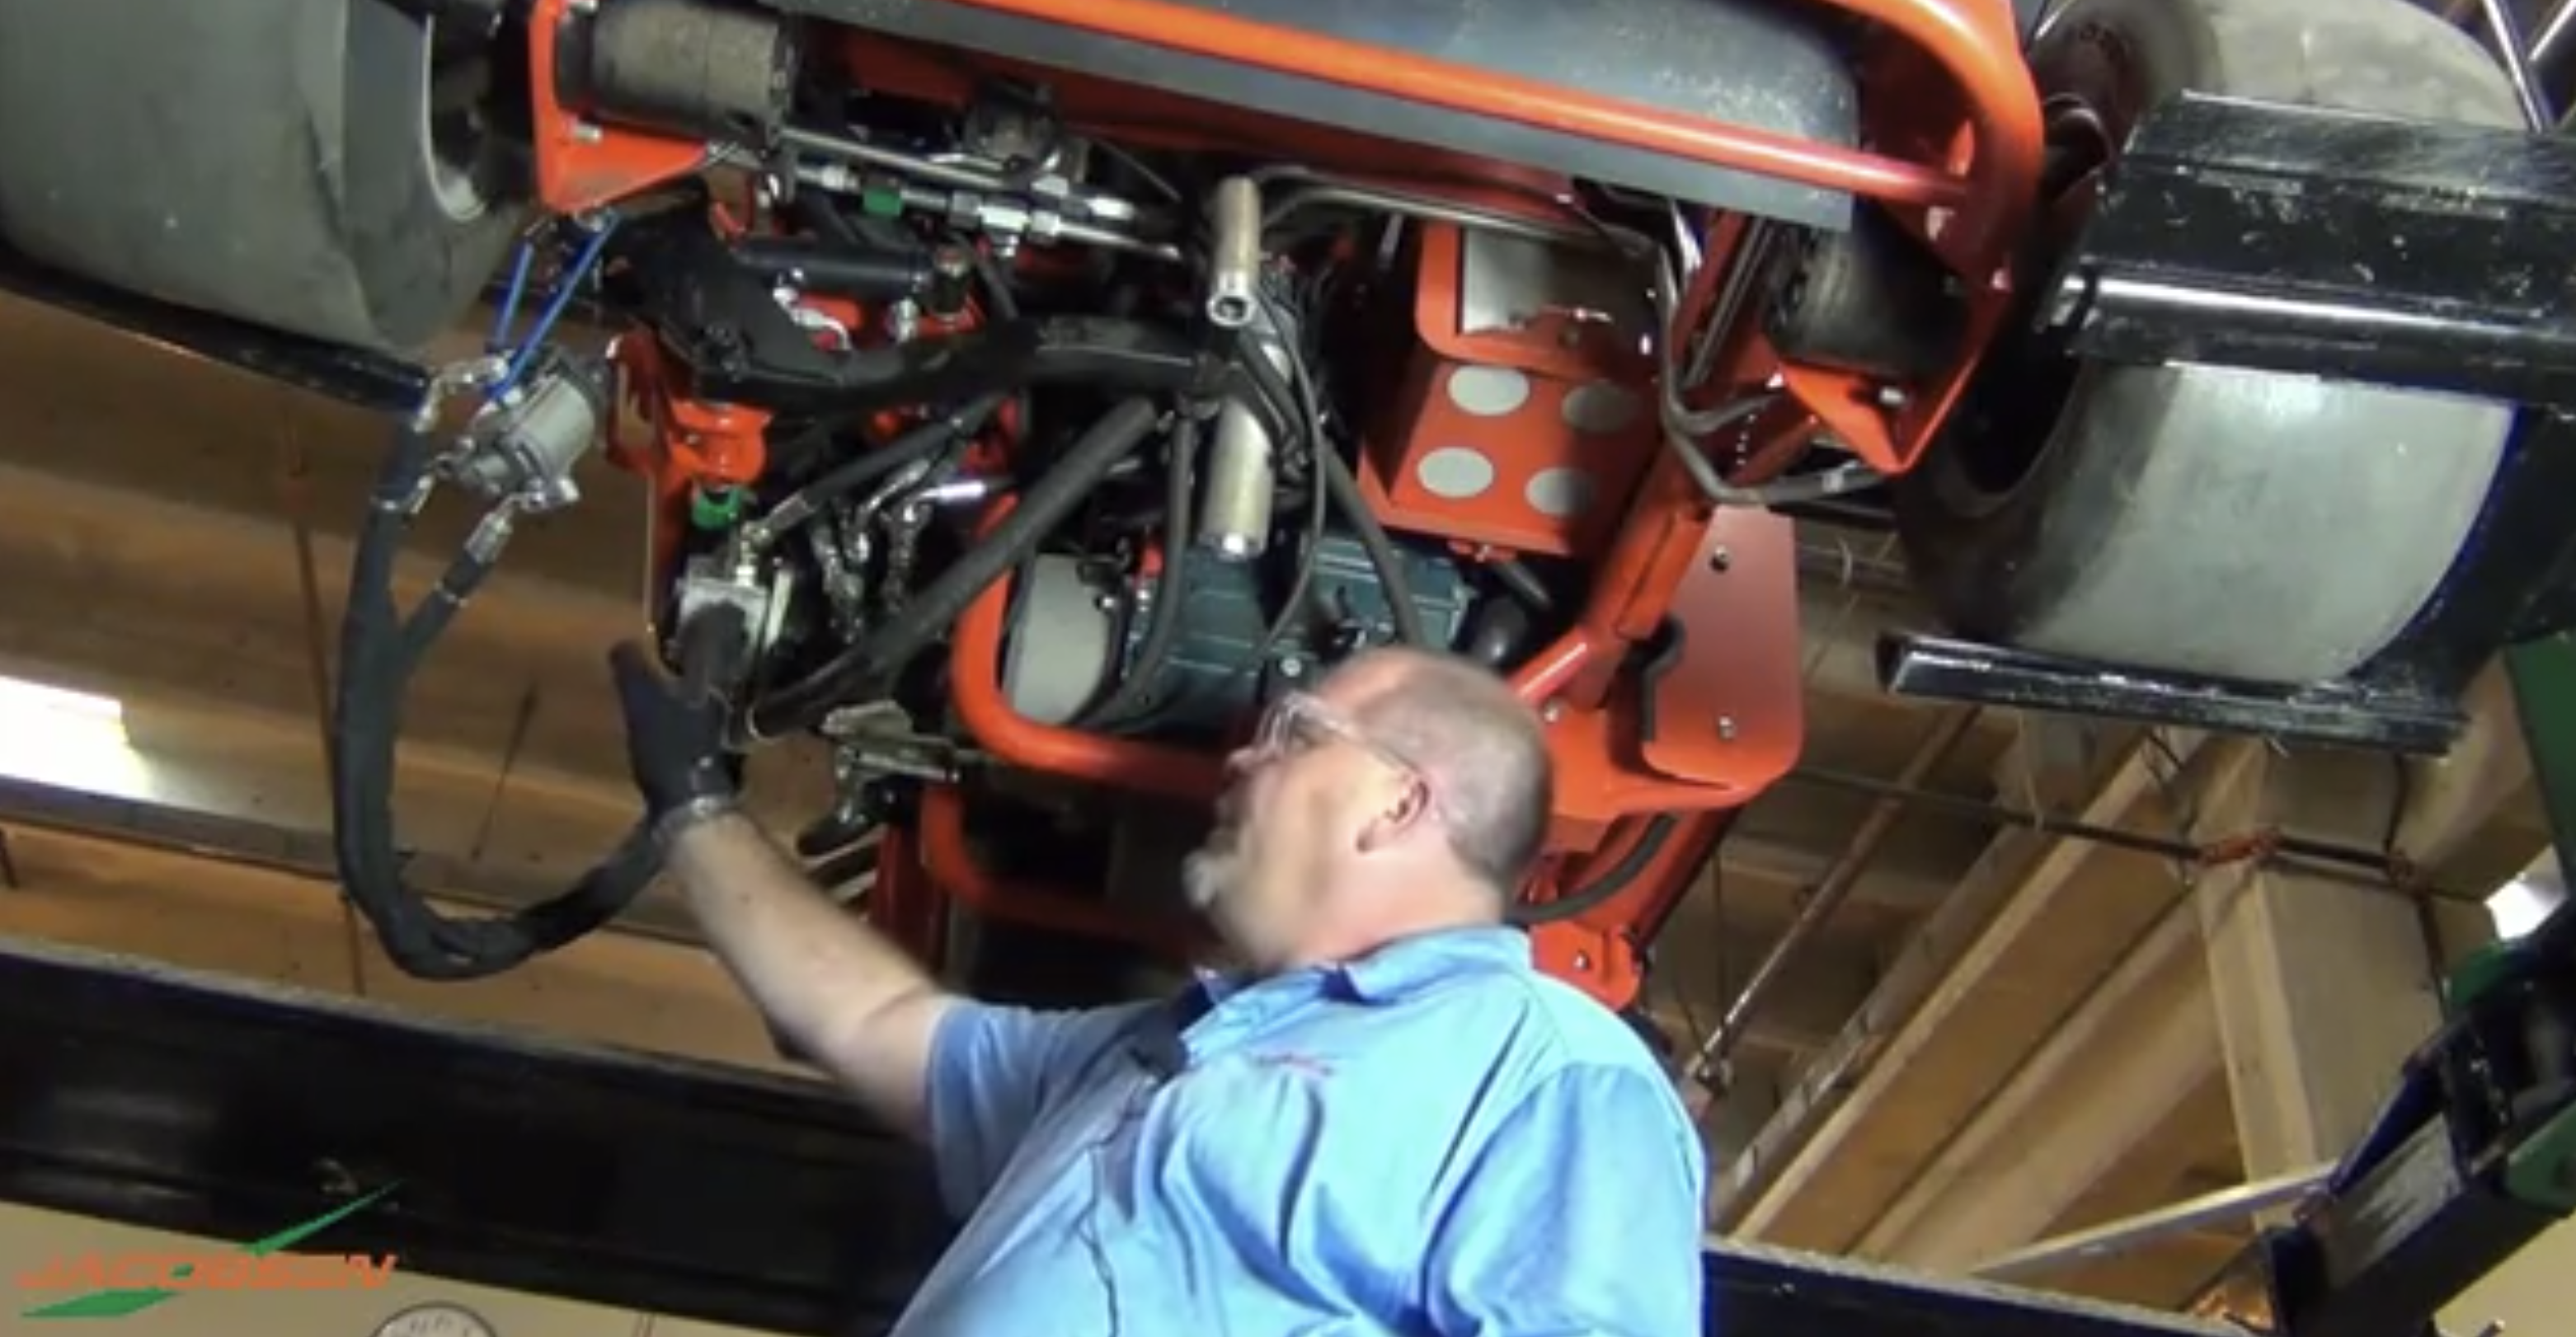 Los motores diésel Common Rail, híbridos y 100% eléctricos permiten ahorros en el consumo, reducción de ruidos y menor contaminación en las máquinas que mantienen el césped profesional